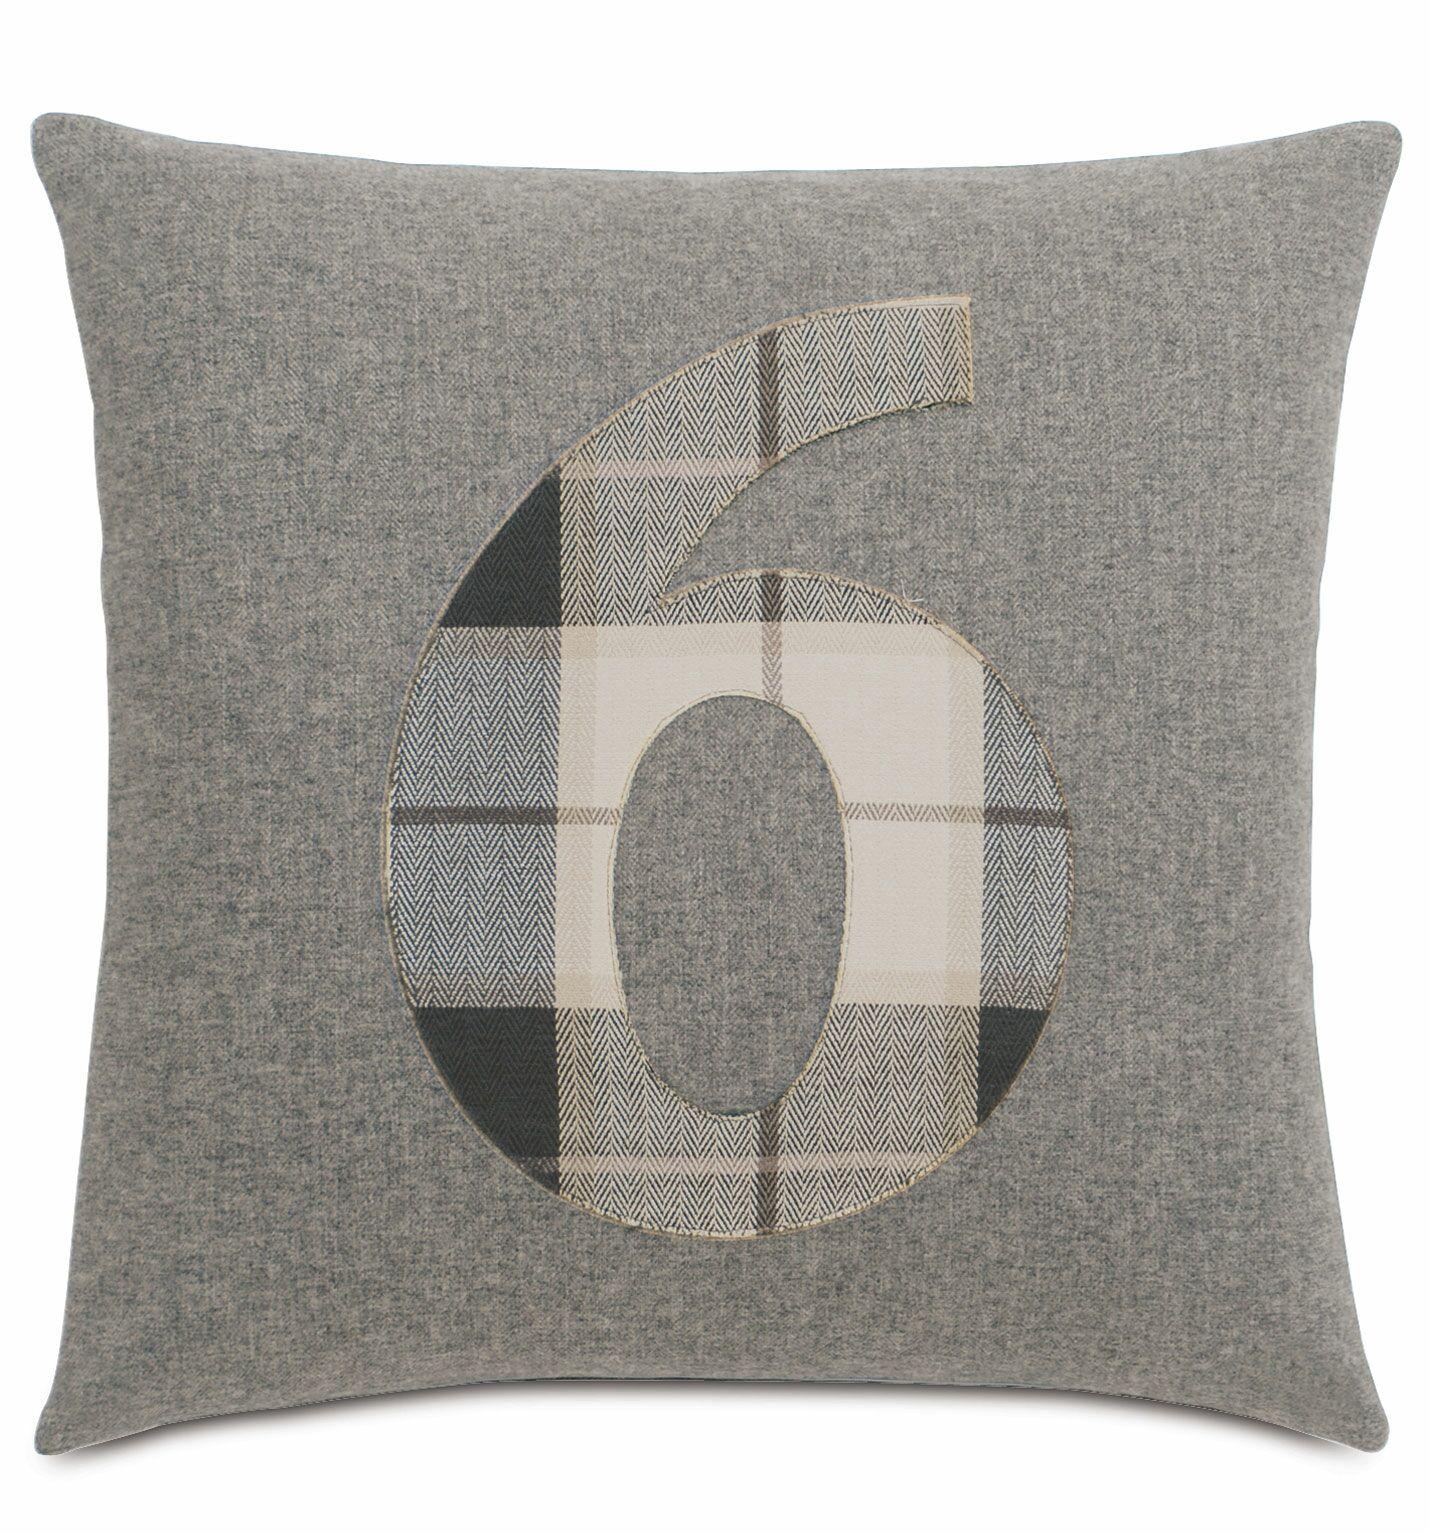 Digits 6 Throw Pillow